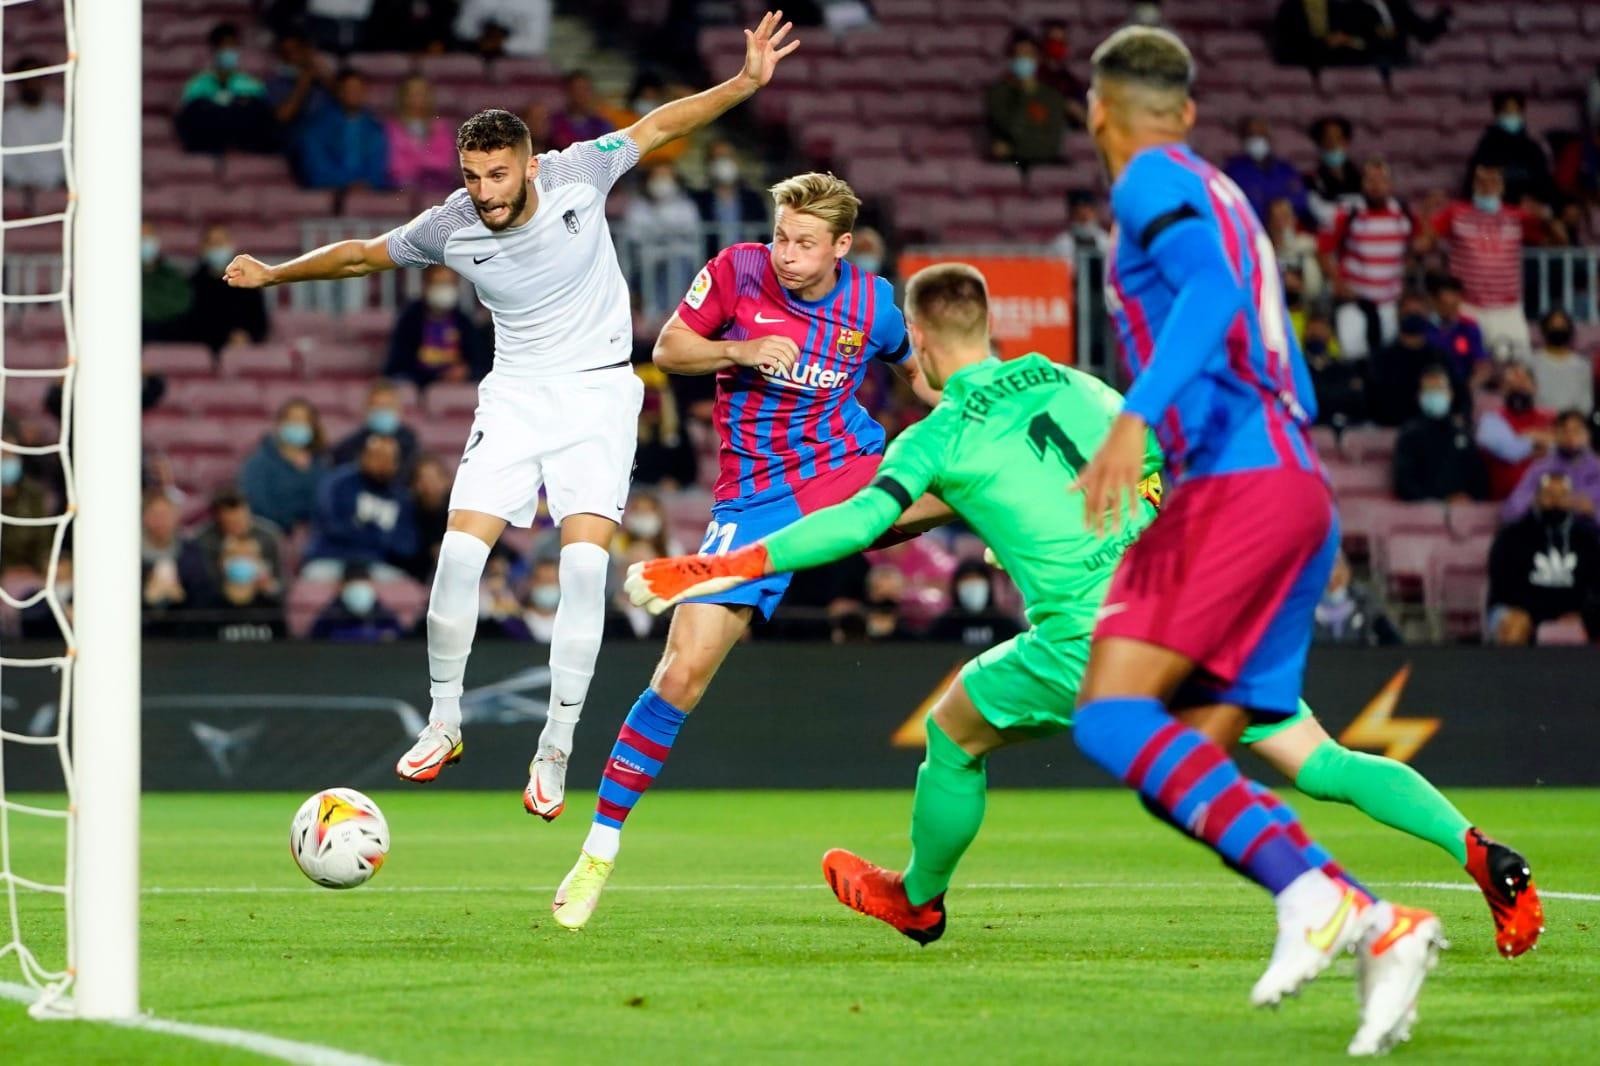 برشلونة يقع في فخ التعادل أمام غرناطة بالدوري الإسباني